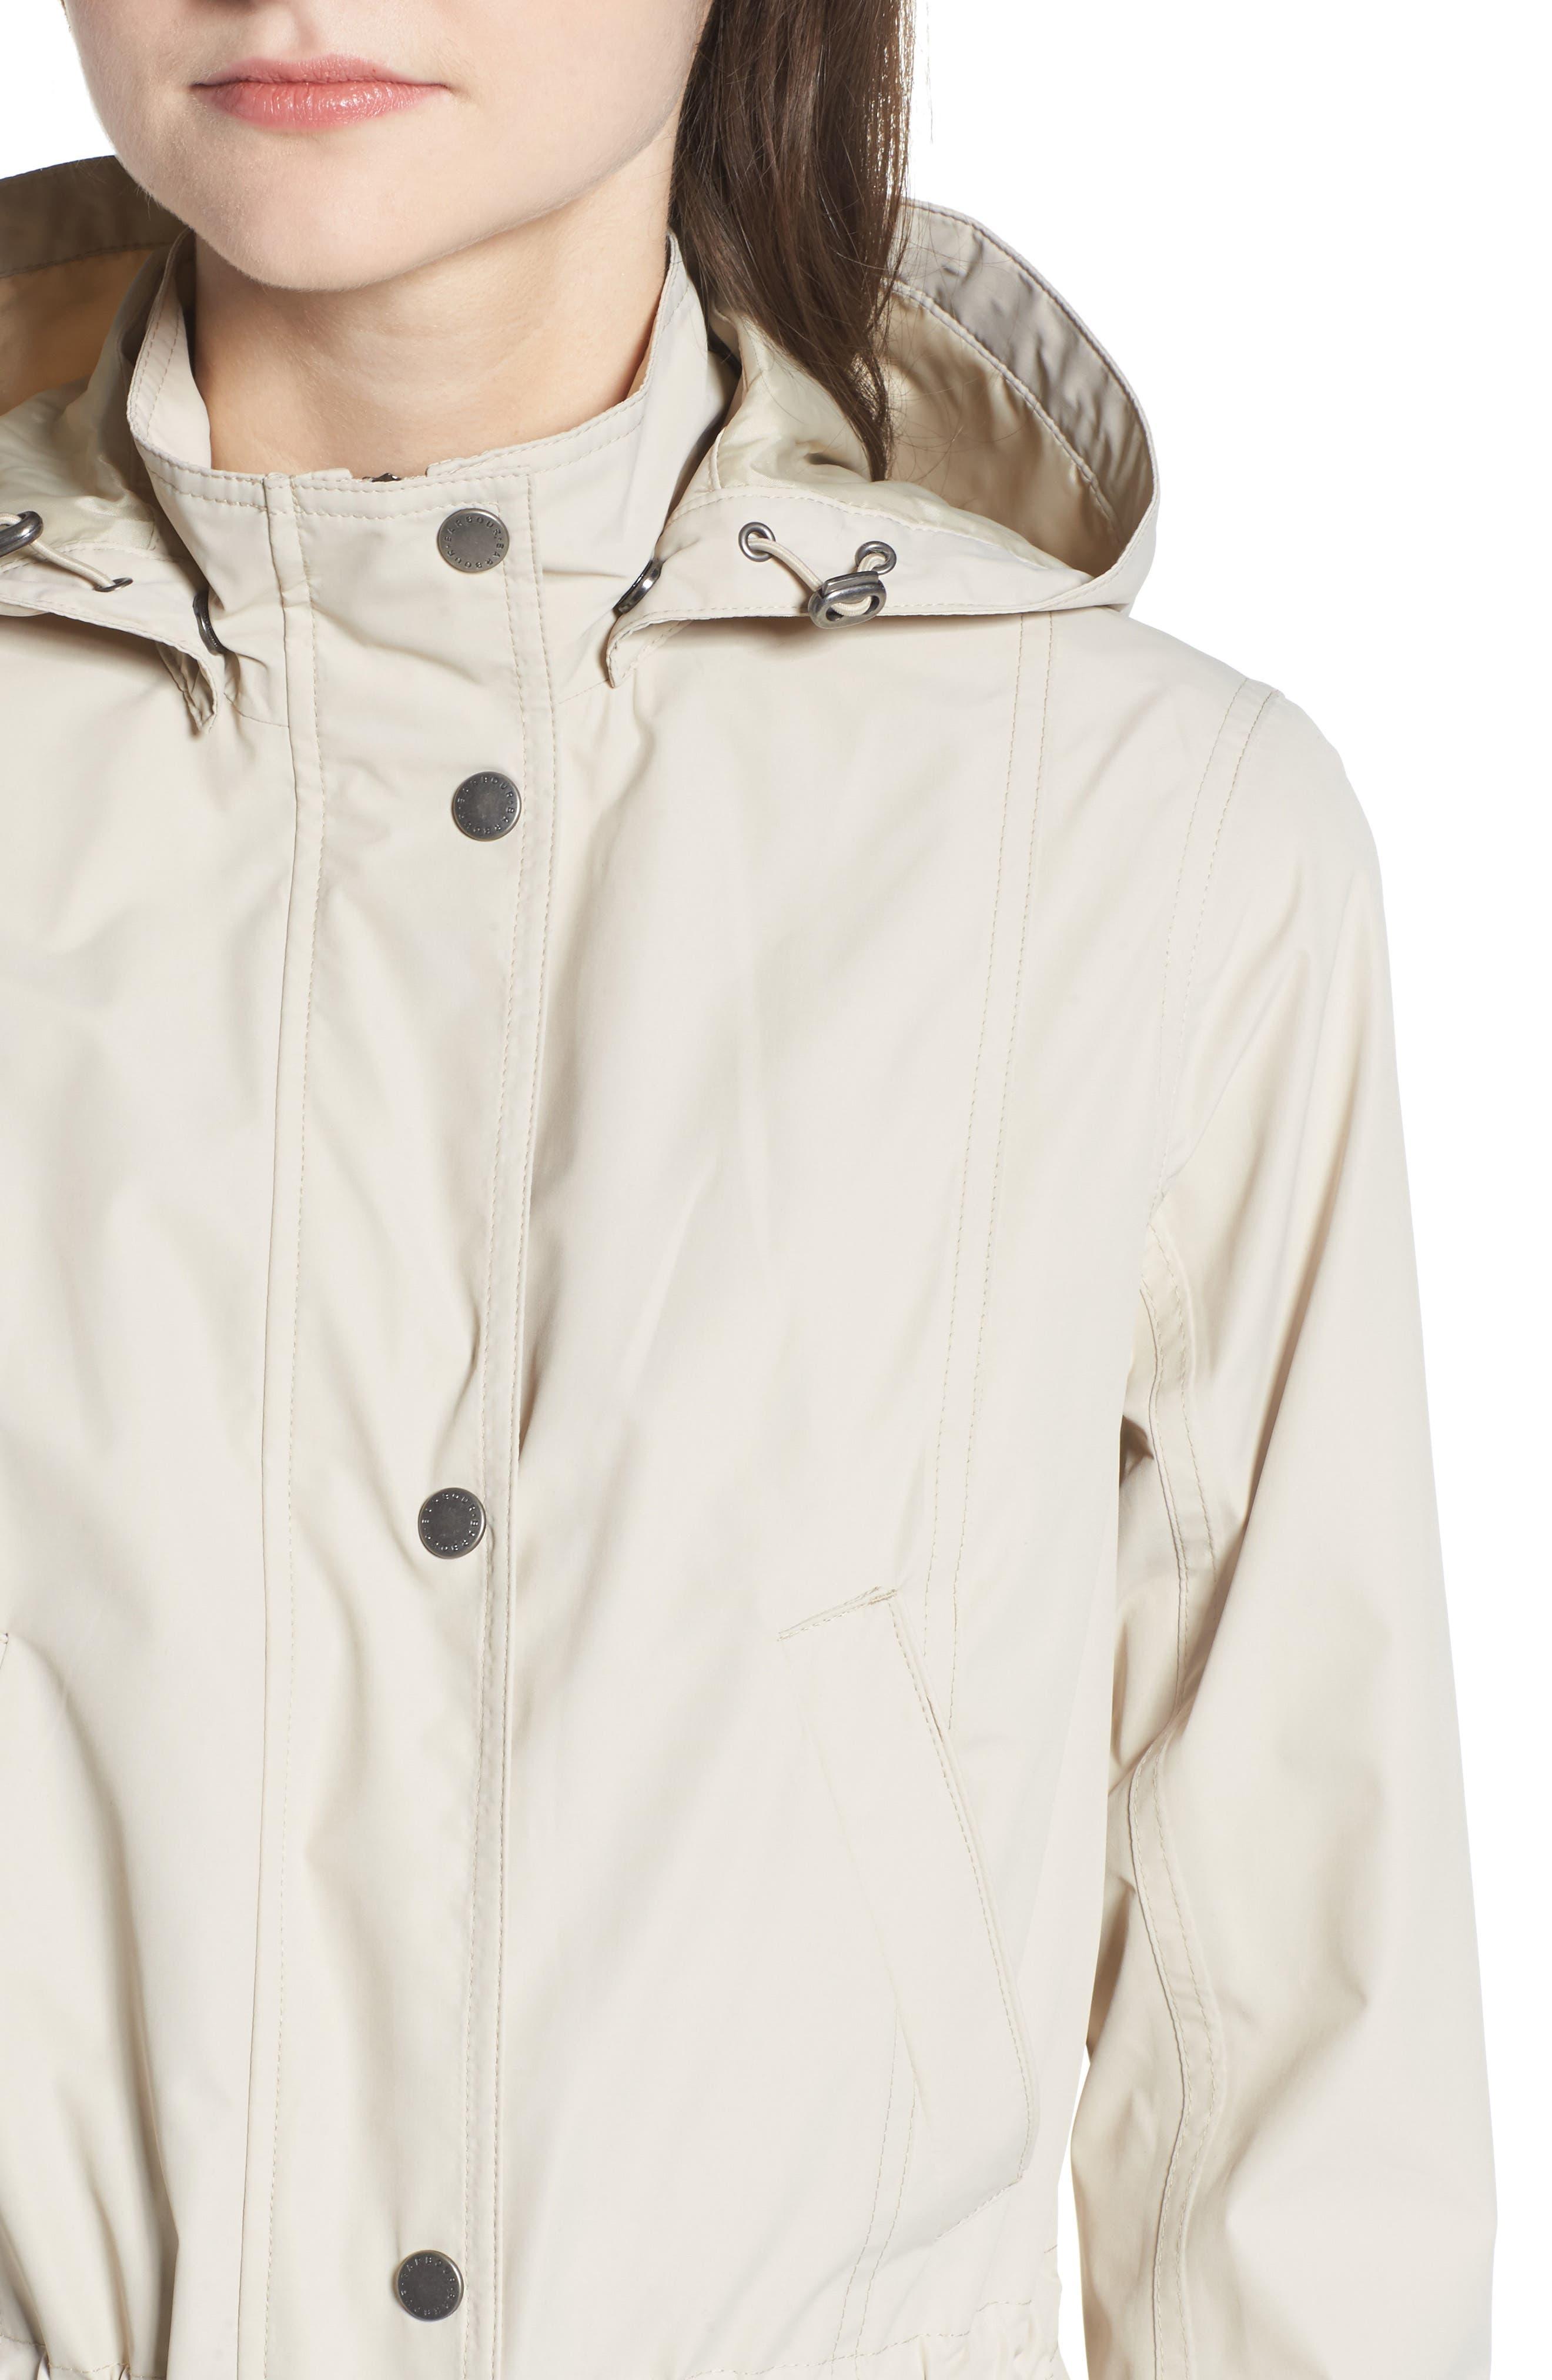 Kinnordy Waterproof Hooded Jacket,                             Alternate thumbnail 4, color,                             907